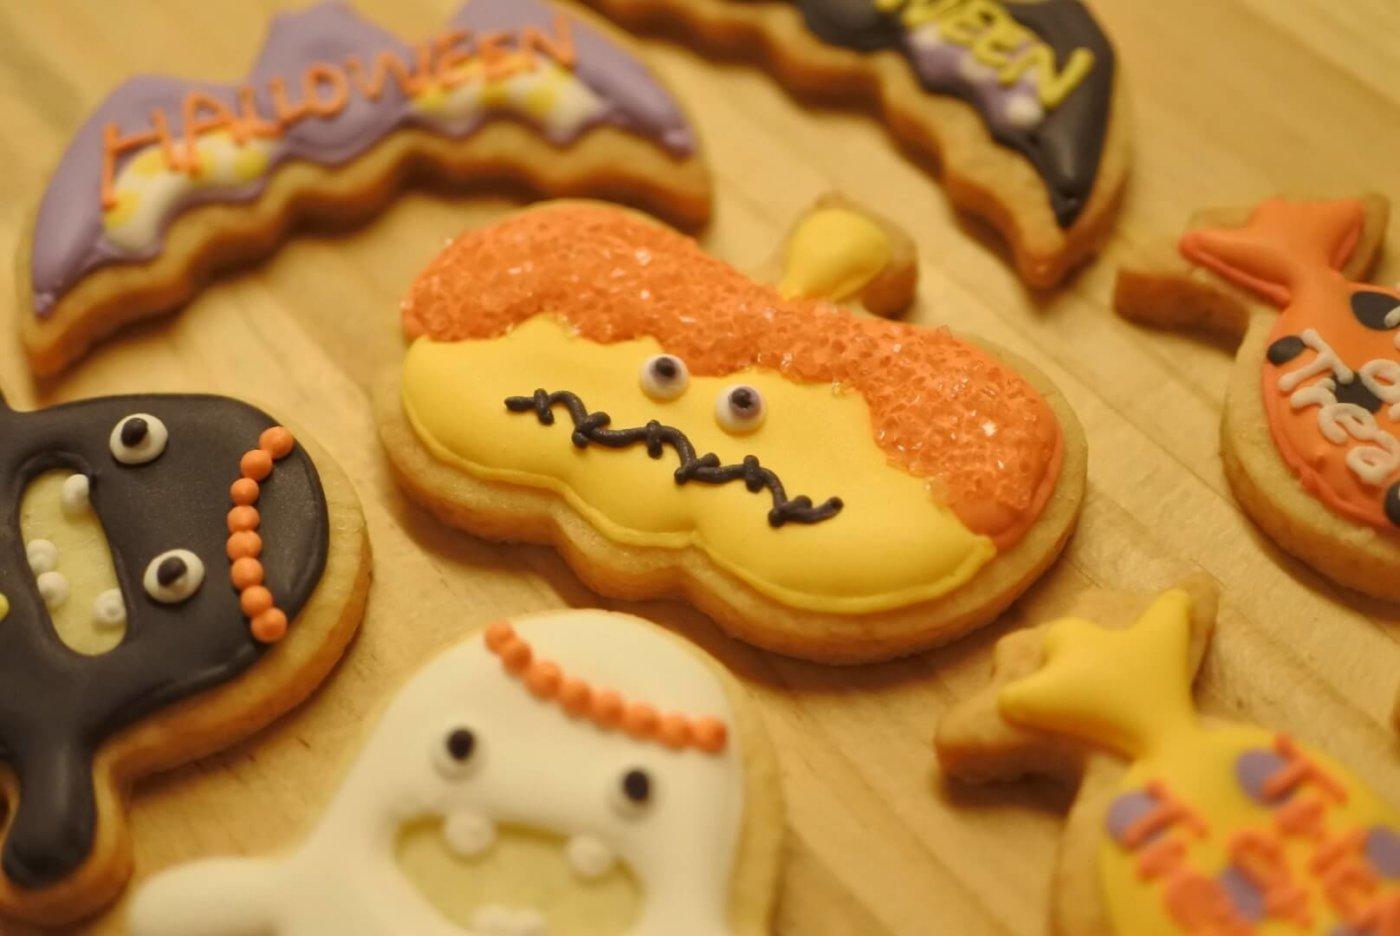 ハロウィンのクッキー型がかわいい!こんな型でクッキーを焼いてみたい6選